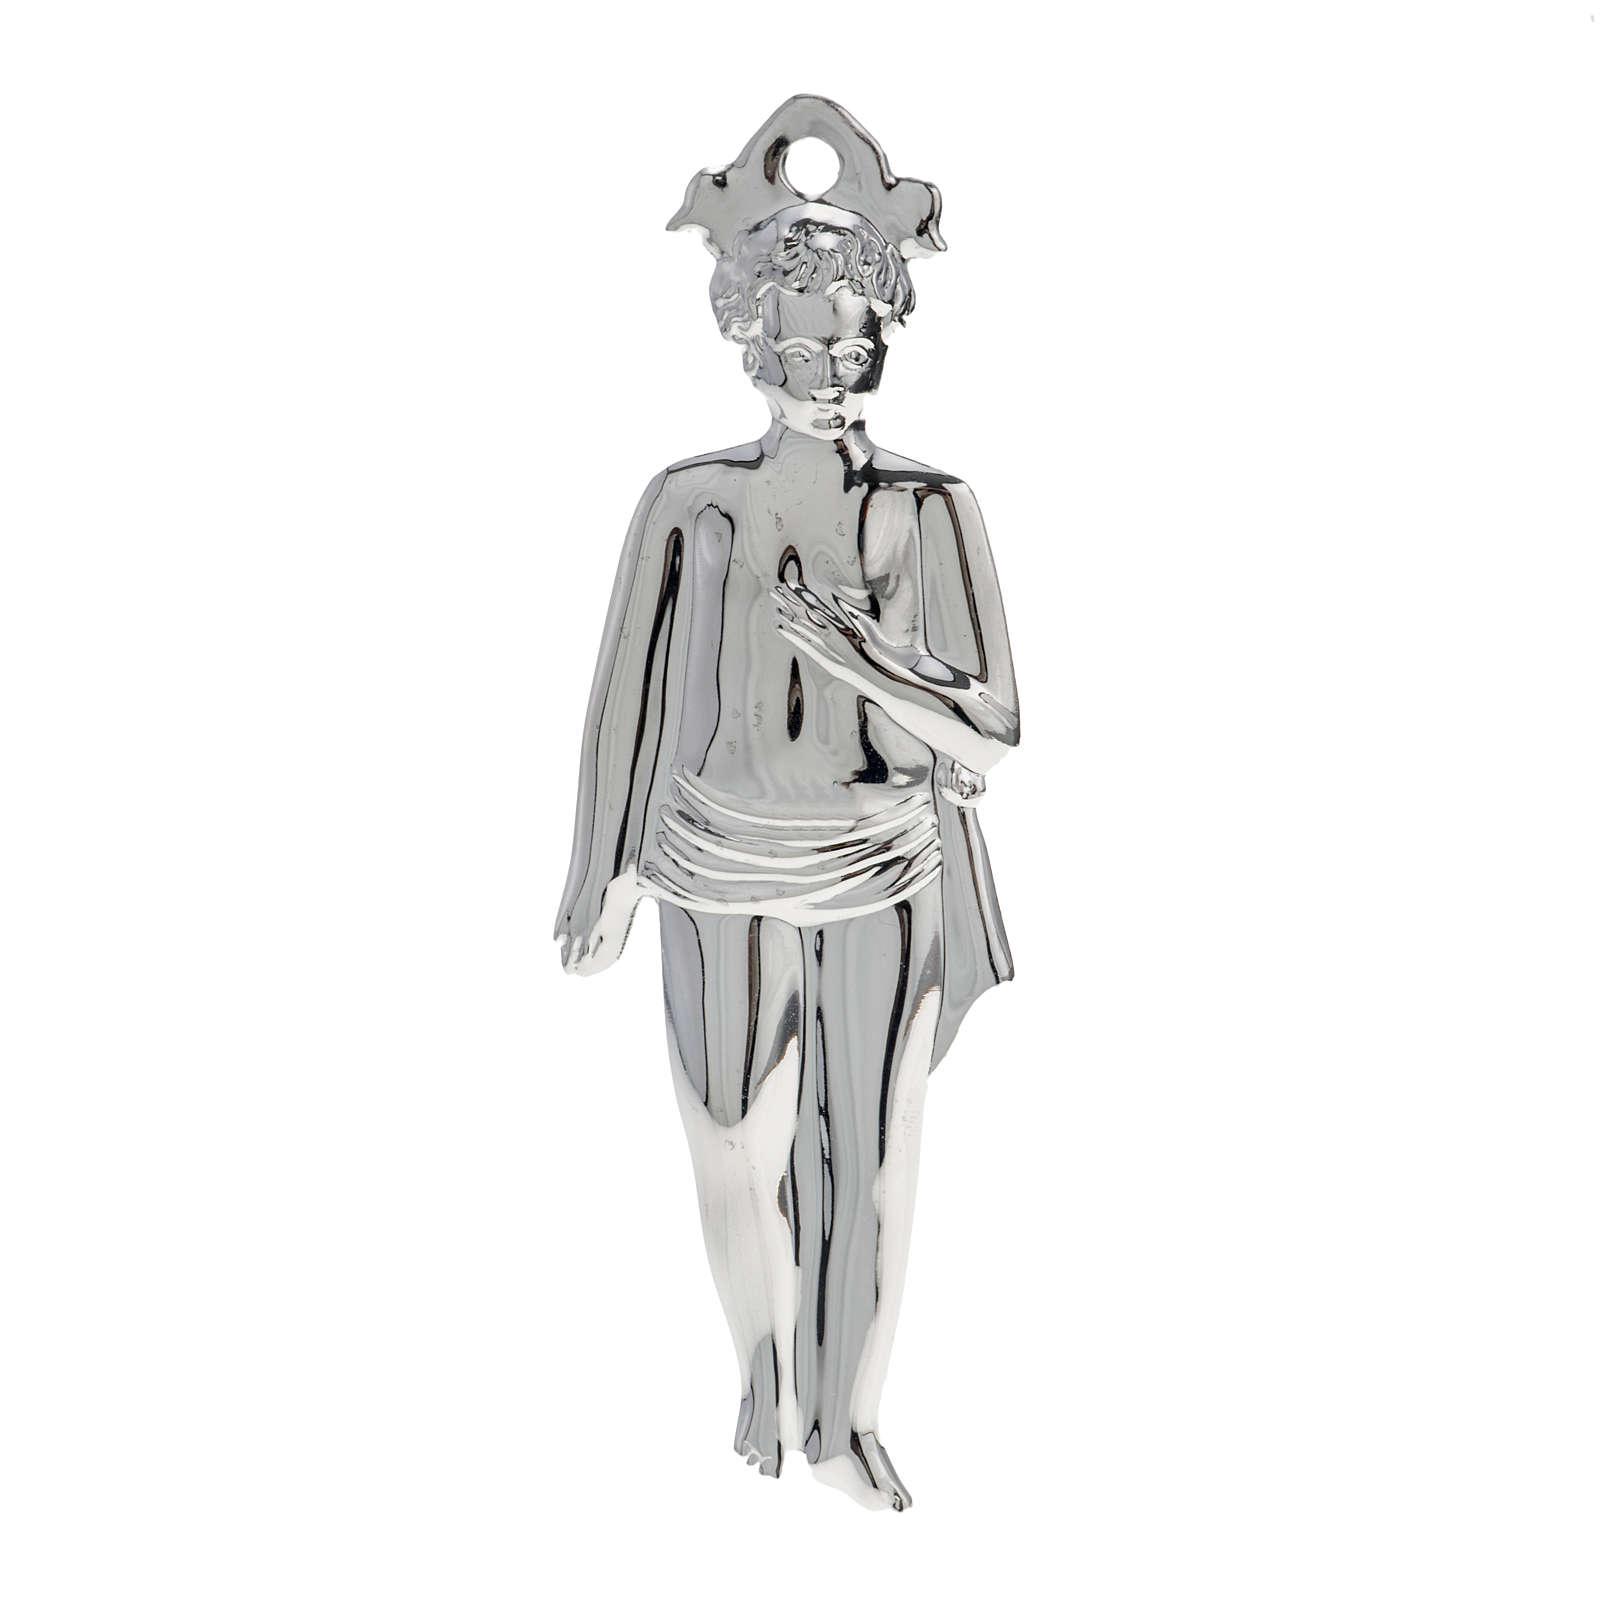 Ex-voto niño plata 925 o metal 15 cm. 3